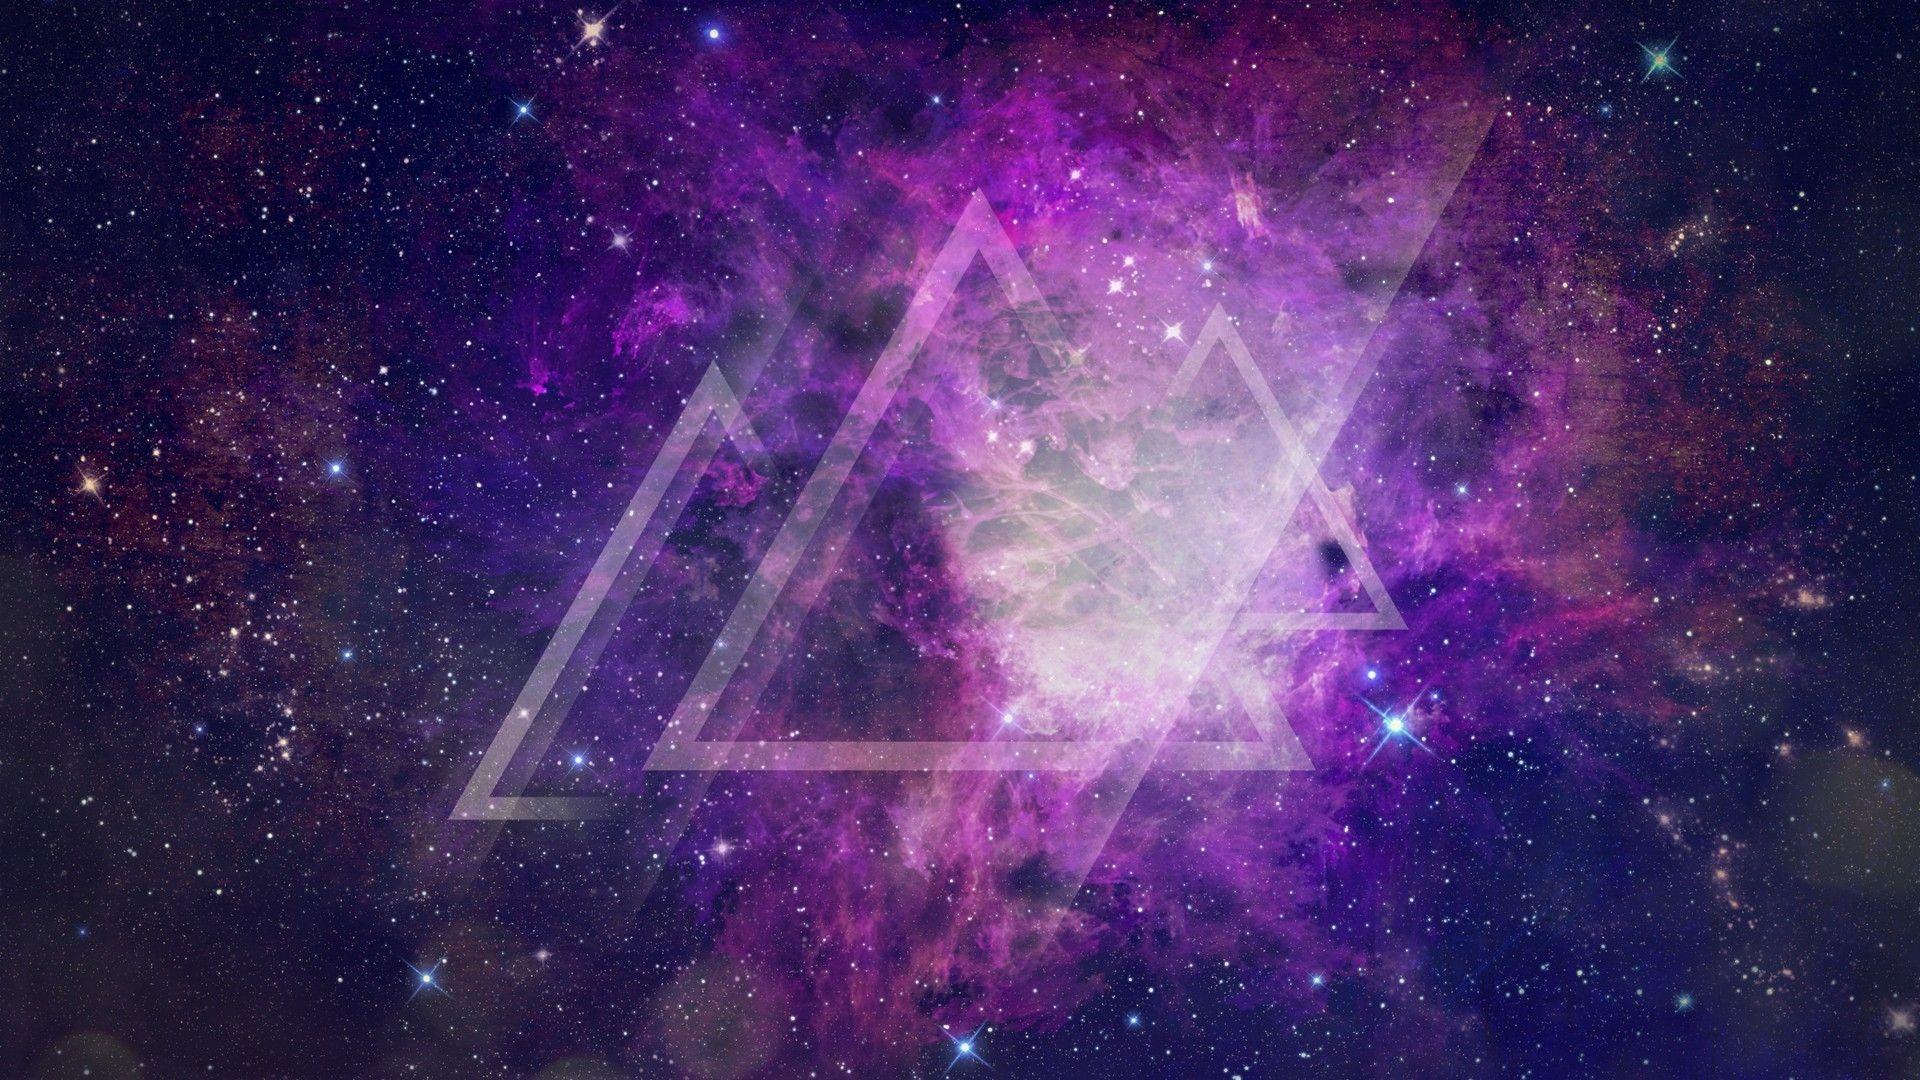 1920x1080 ánh sáng ngoài không gian sao hình dạng tam giác thiết kế đồ họa sáng